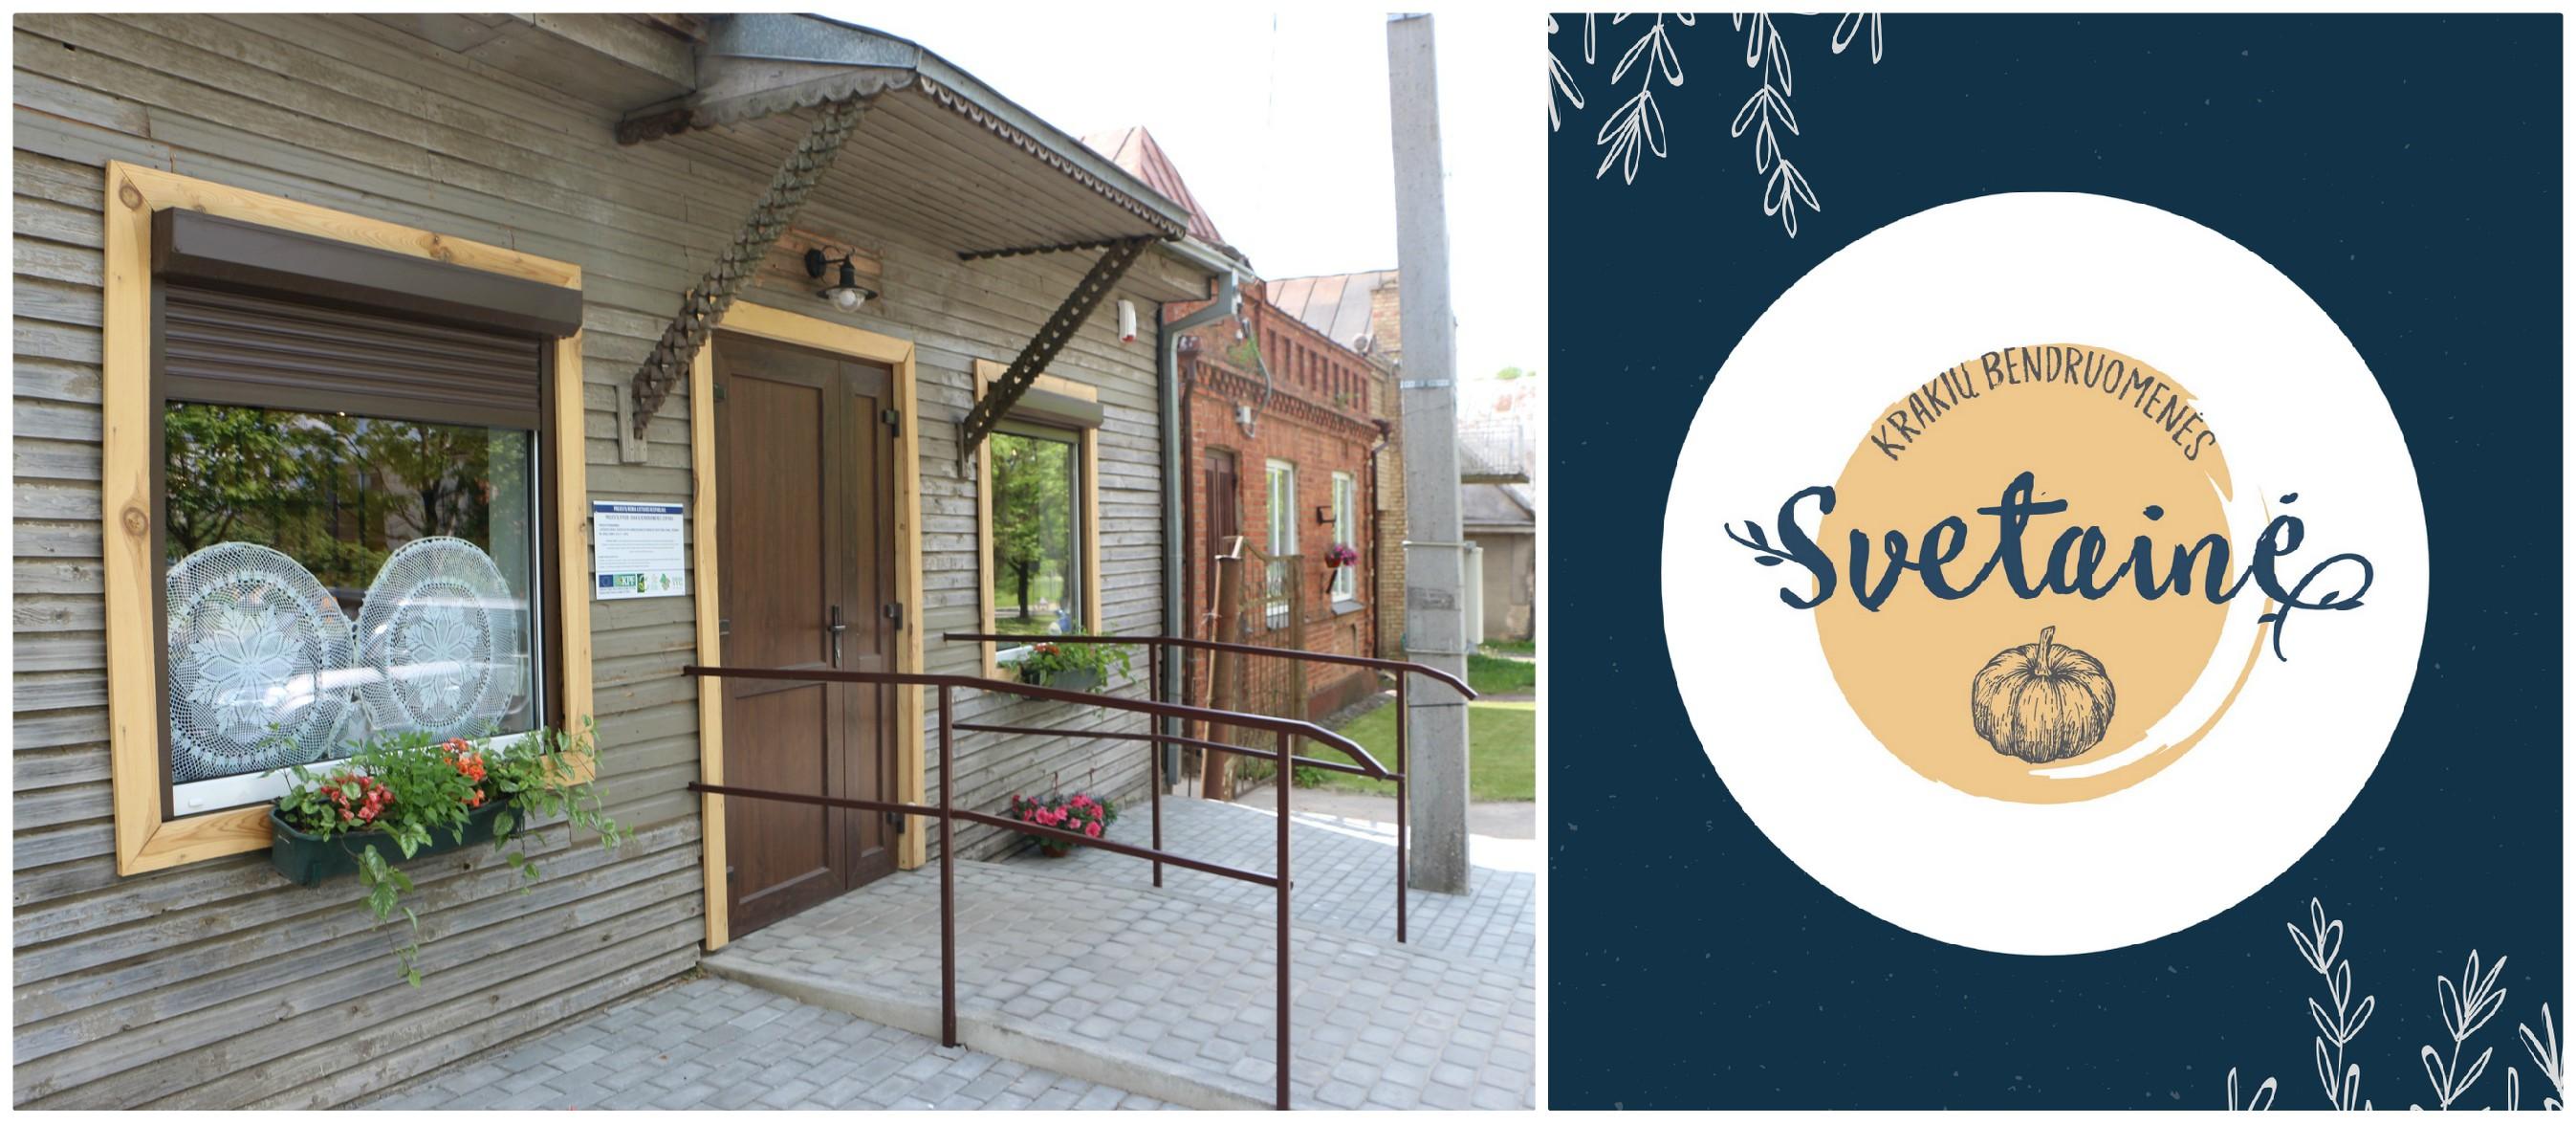 Krakių miestelio širdyje esančiame šimtamečiame pastate birželio 17-ąją duris atvers unikali erdvė – bendruomenės įkurta svetainė. Akvilės Kupčinskaitės nuotr.